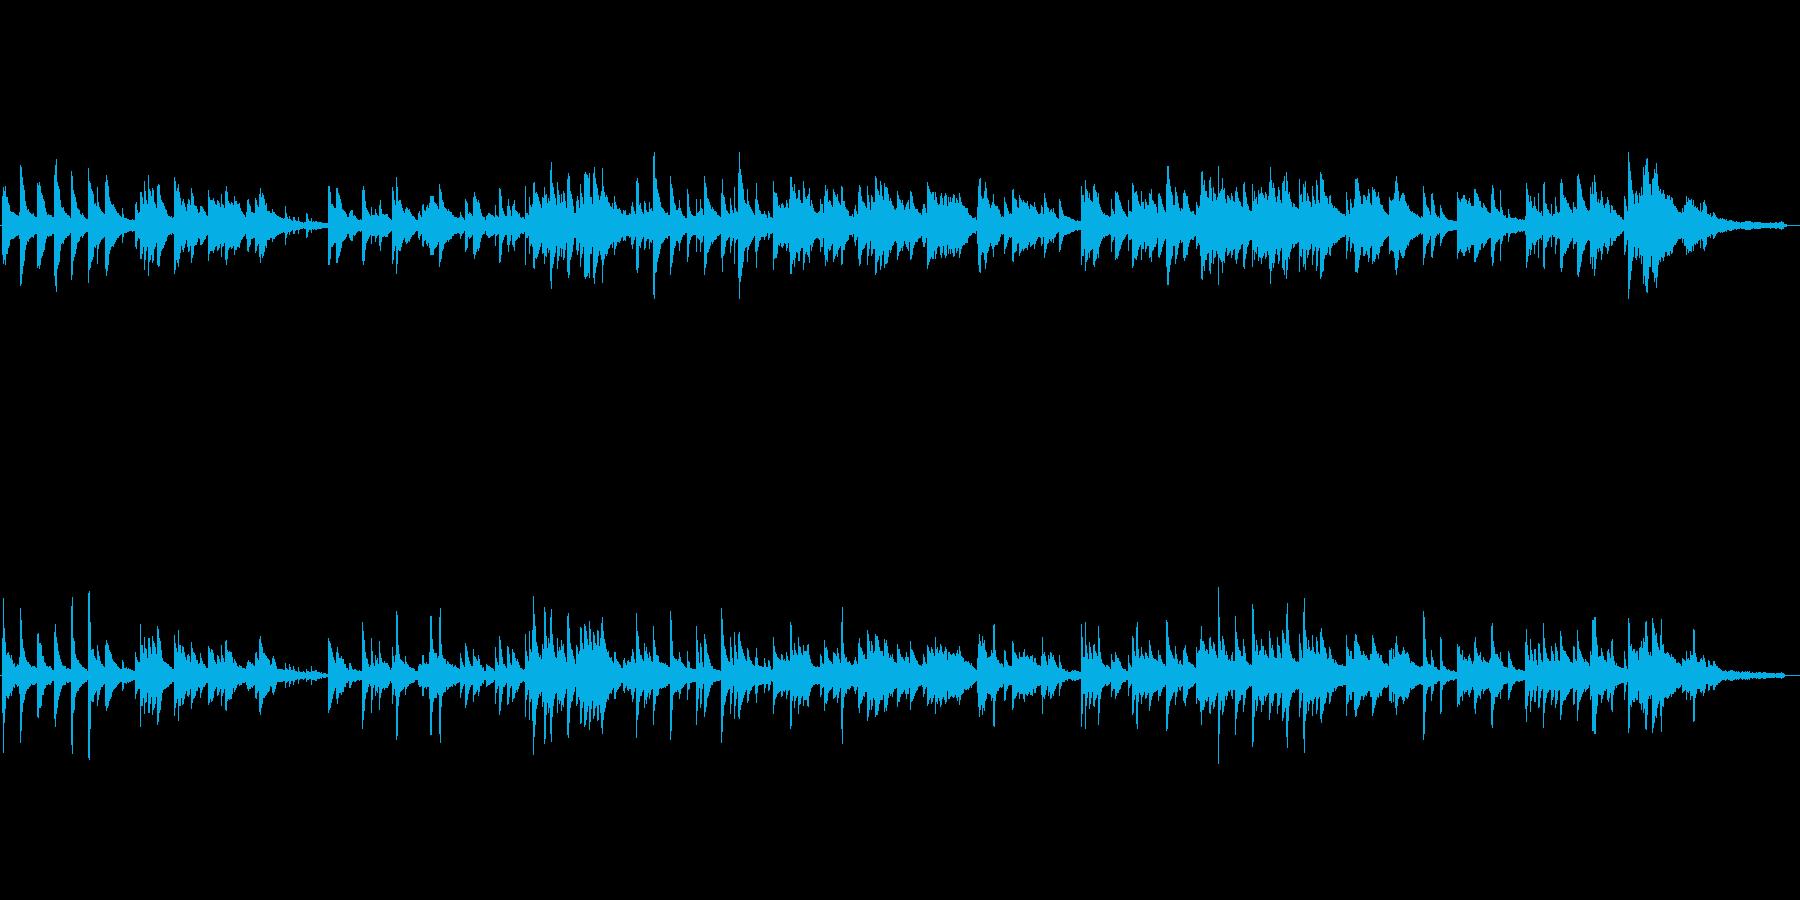 静かなヒーリング・ピアノ曲(柔らかい音色の再生済みの波形